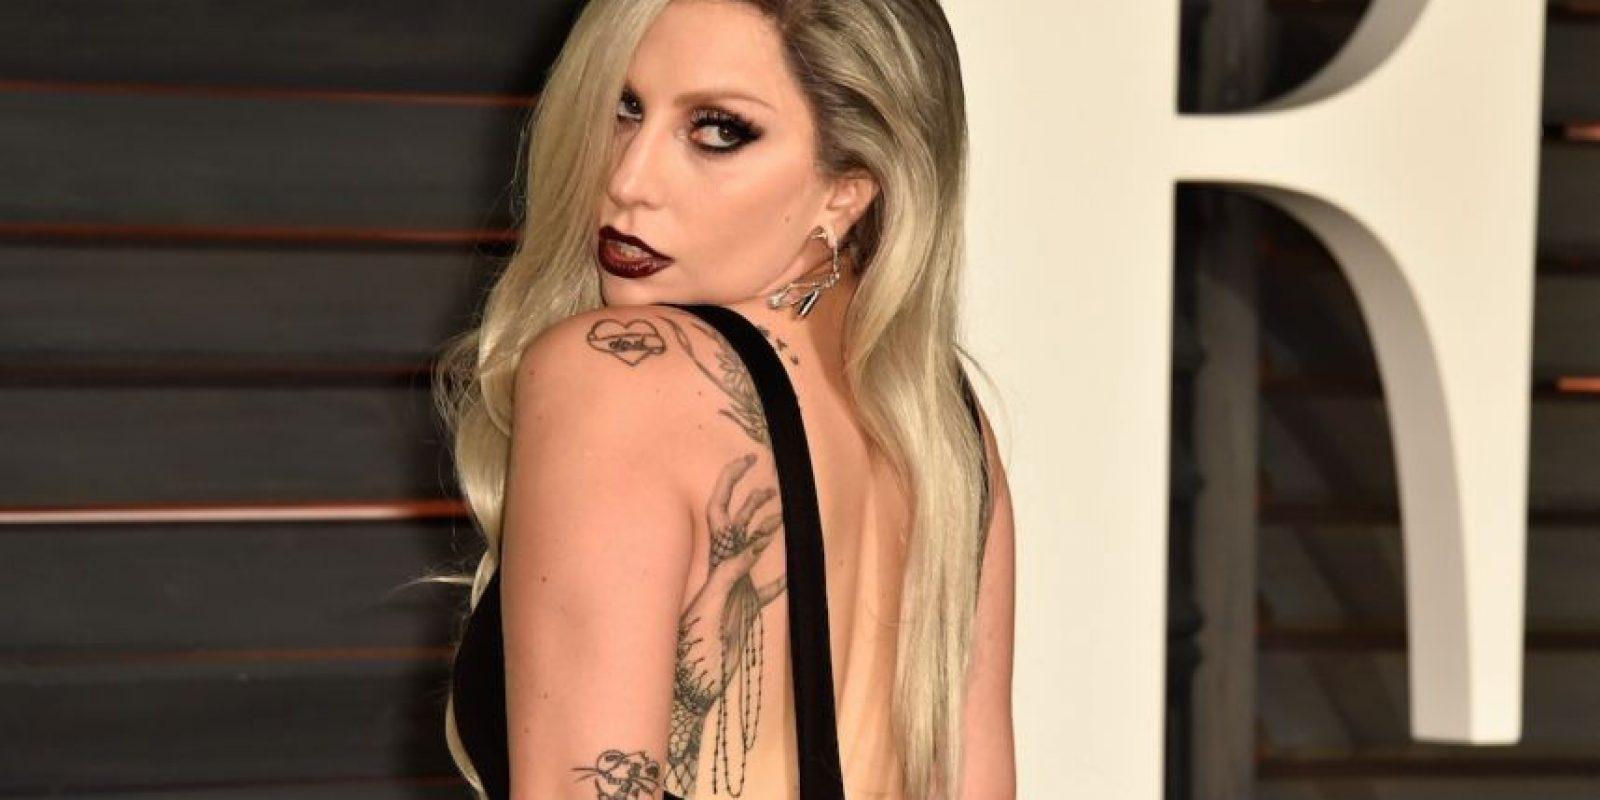 La cantante sufrió una bochornosa caída mientras salía de un restaurante. Foto:Getty Images